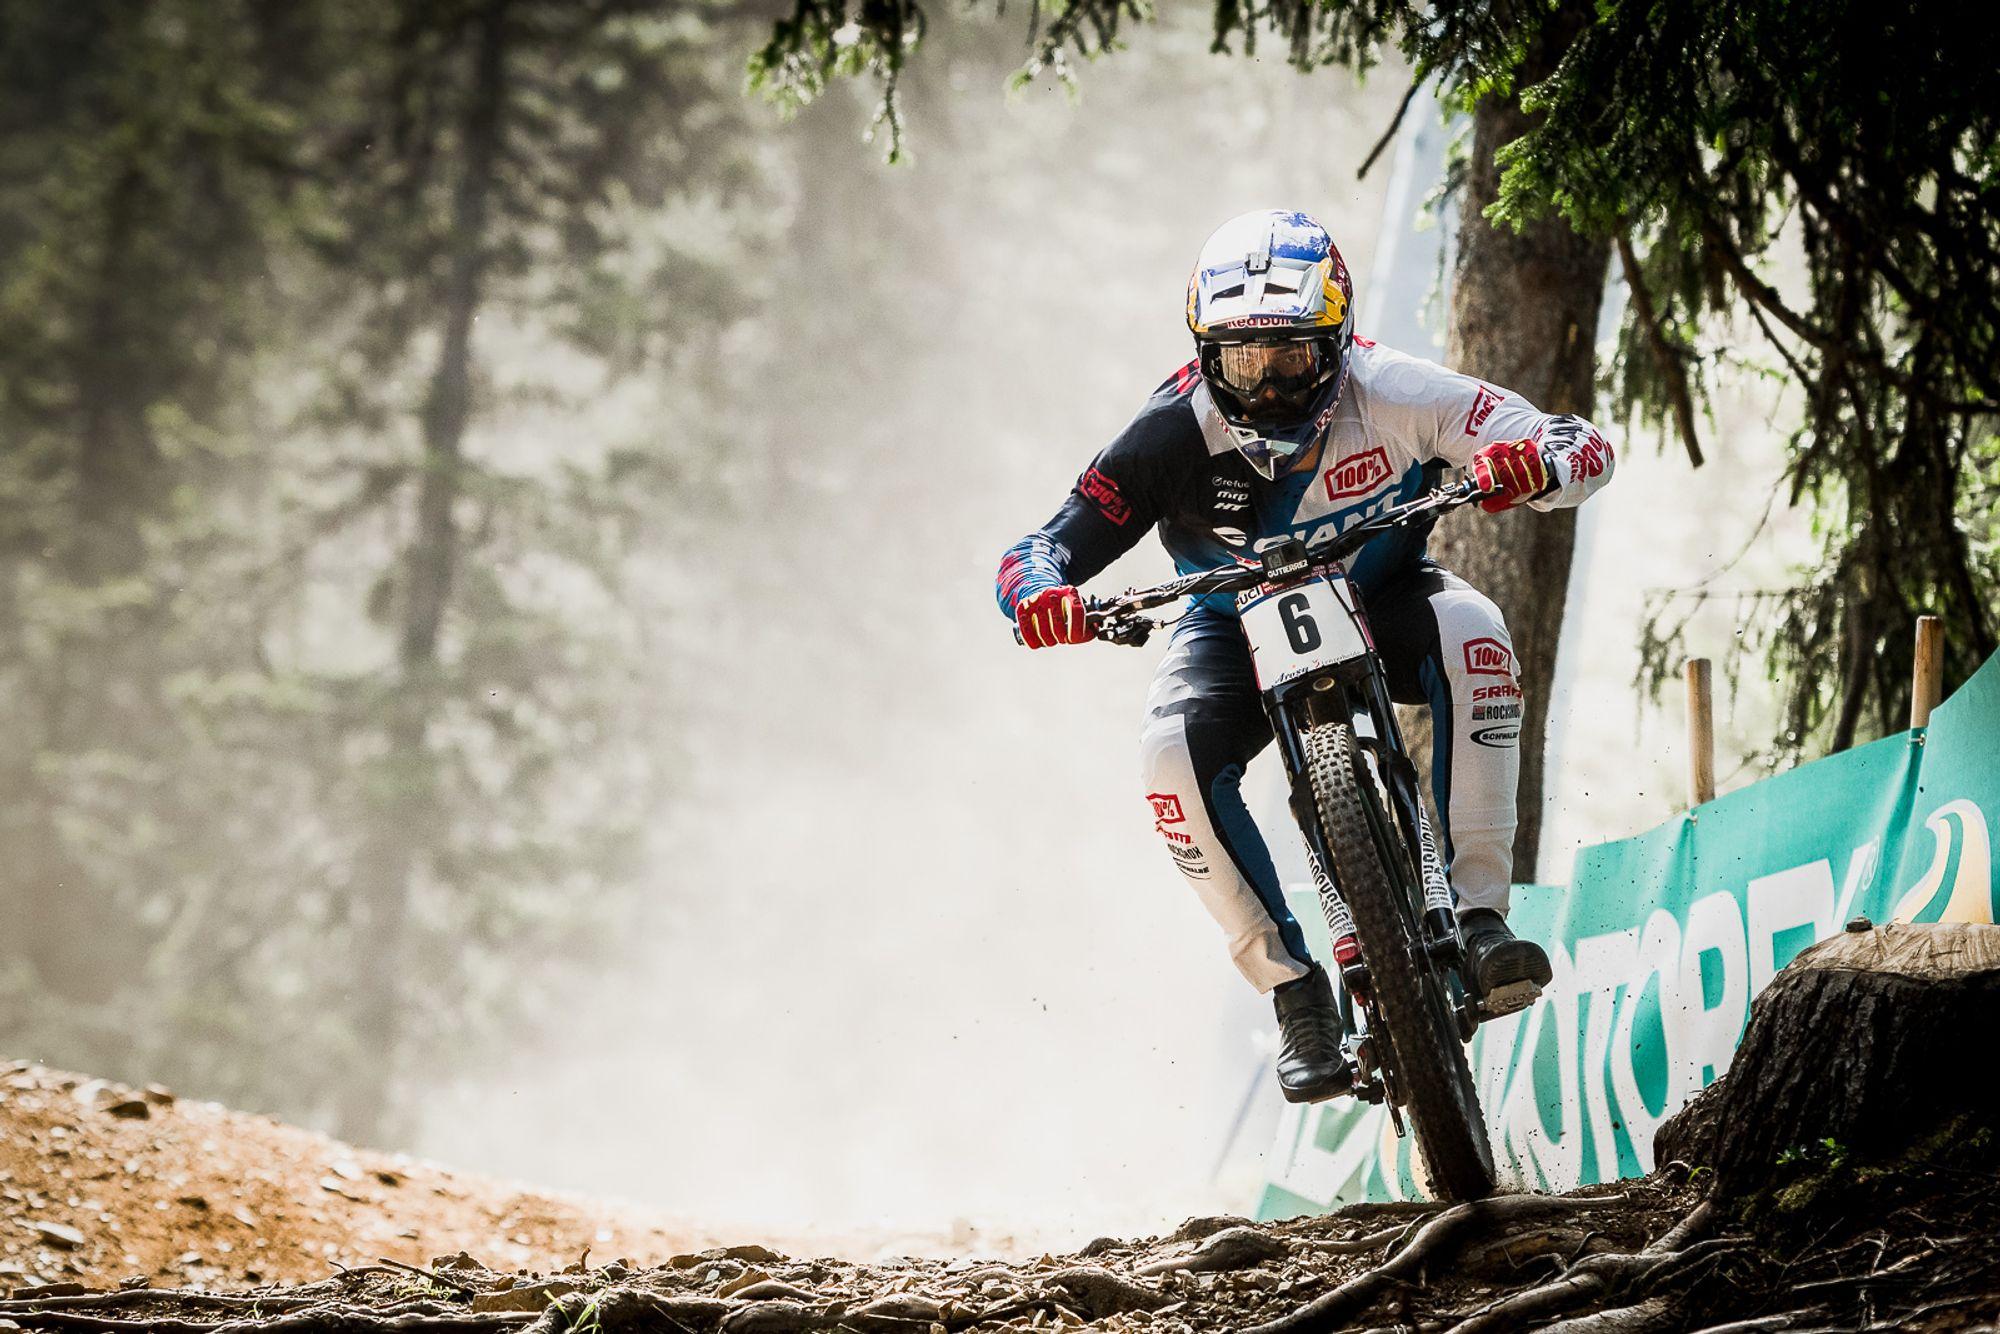 Mountainbike-Doppelevent Zusage für den Bike World Cup 2022 in Lenzerheide